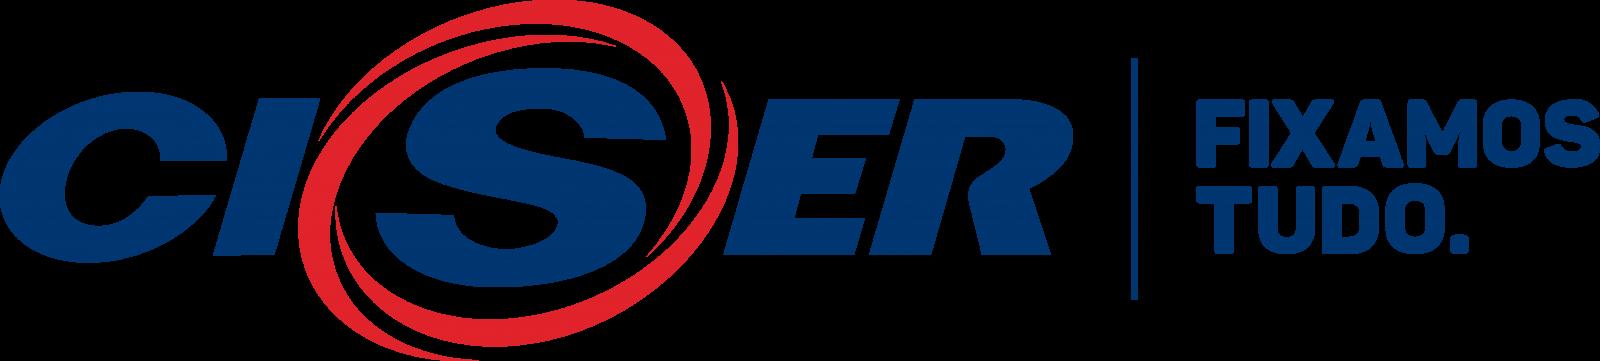 Logotipo Ciser Fixamos Tudo